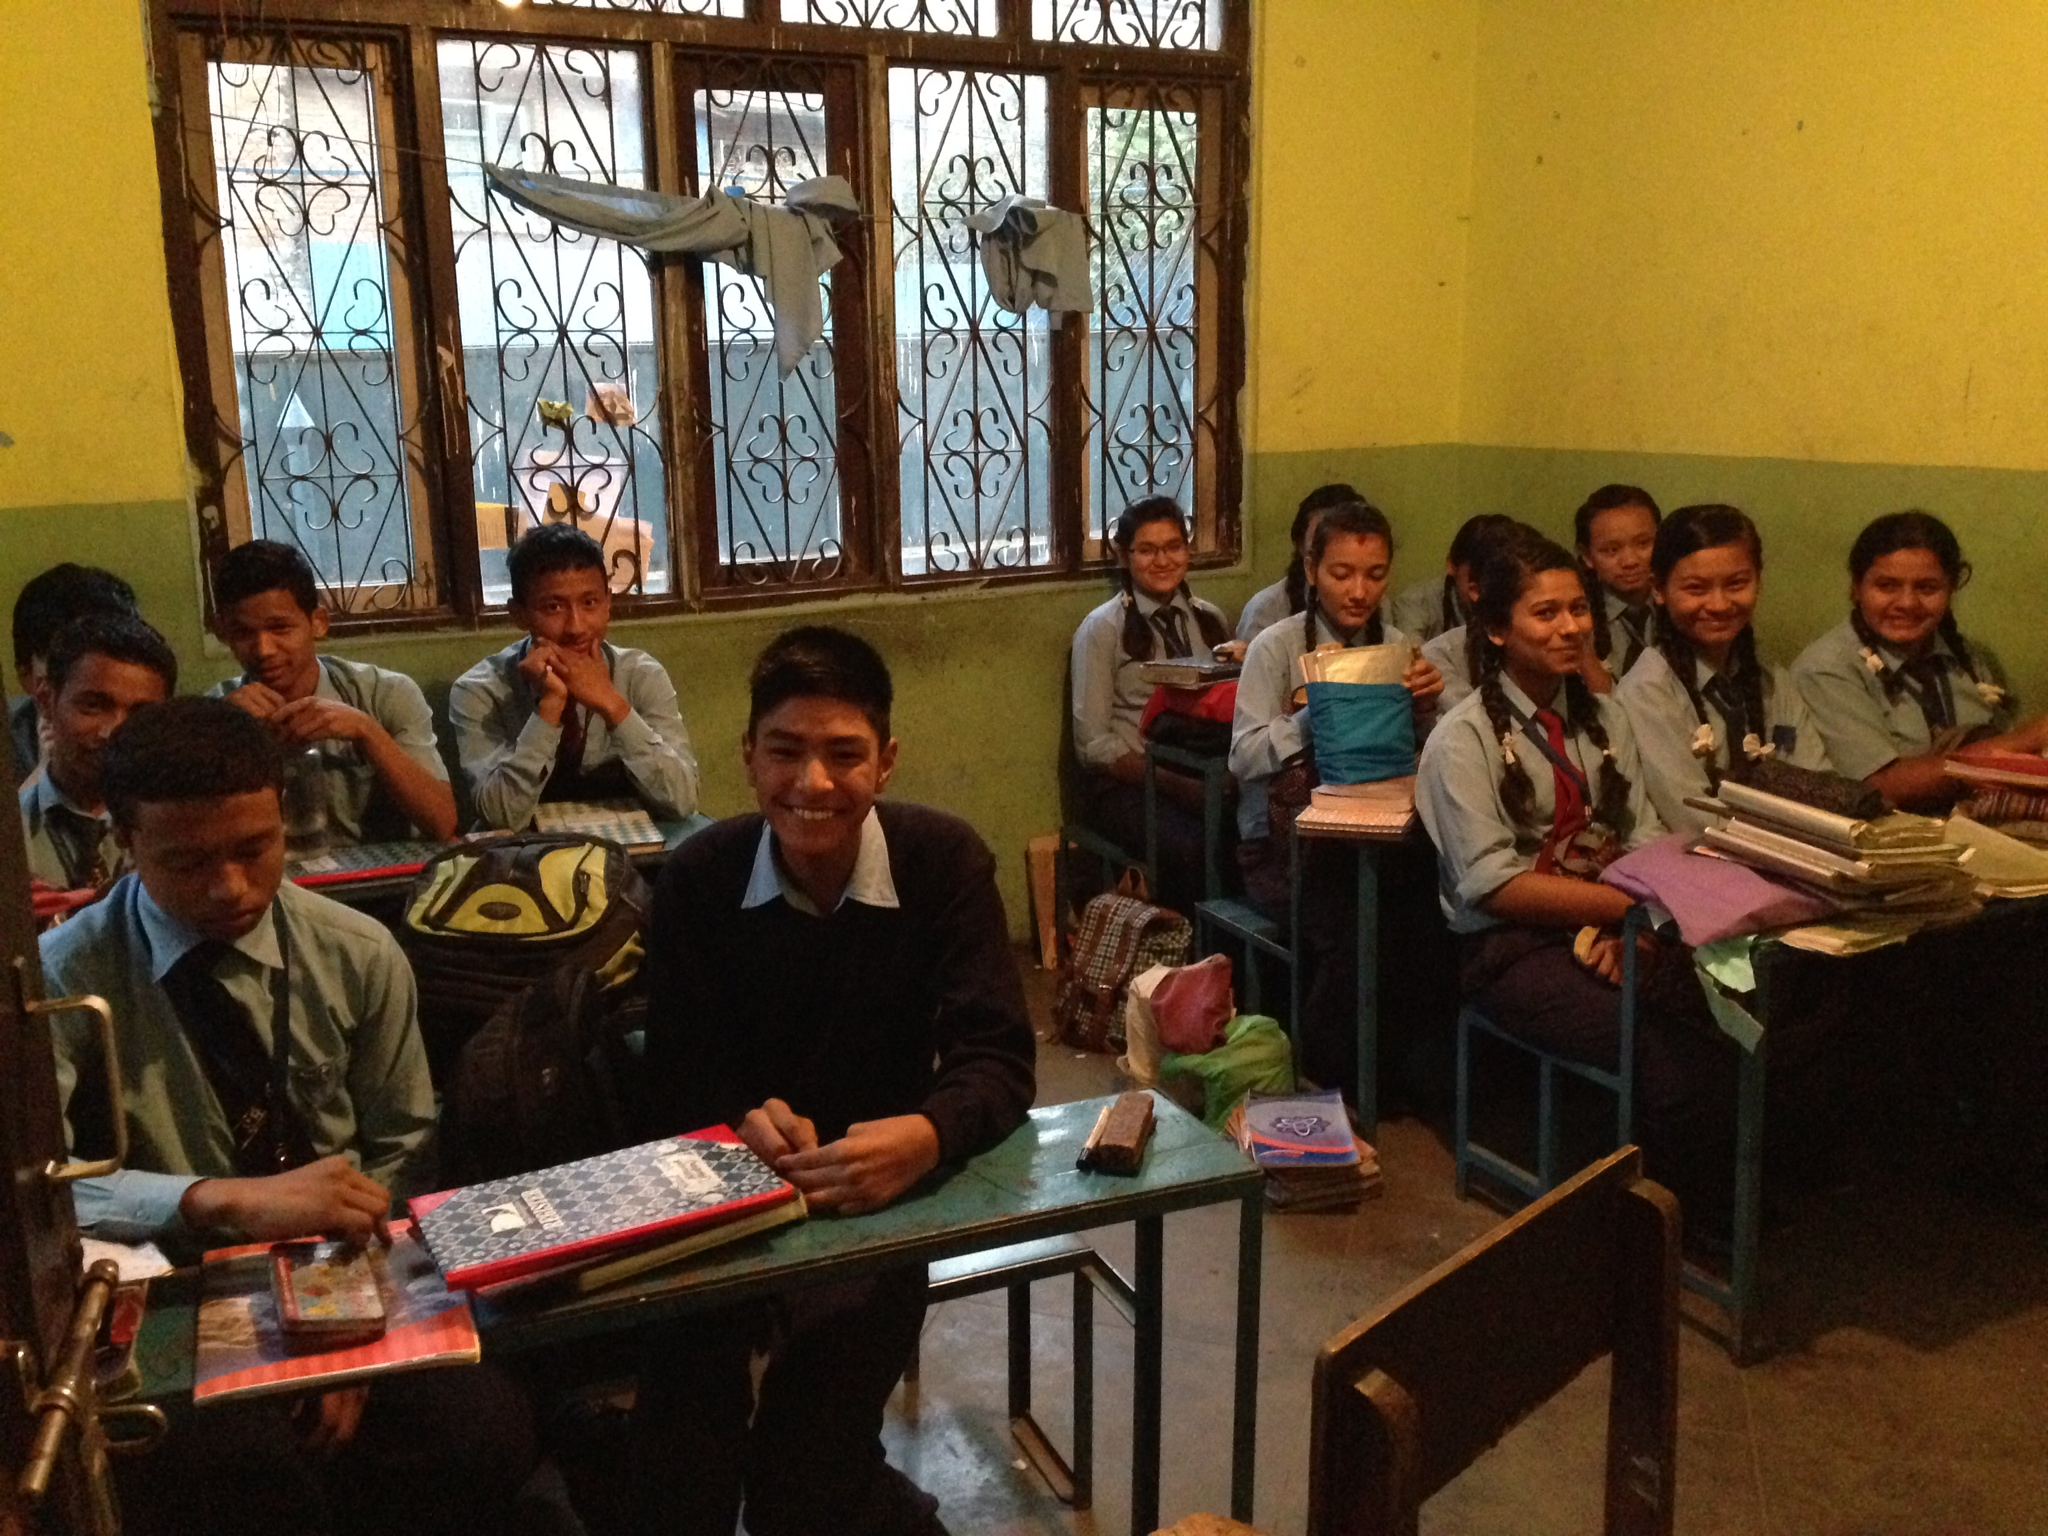 授業終わってもう帰れる、みんな嬉しそう